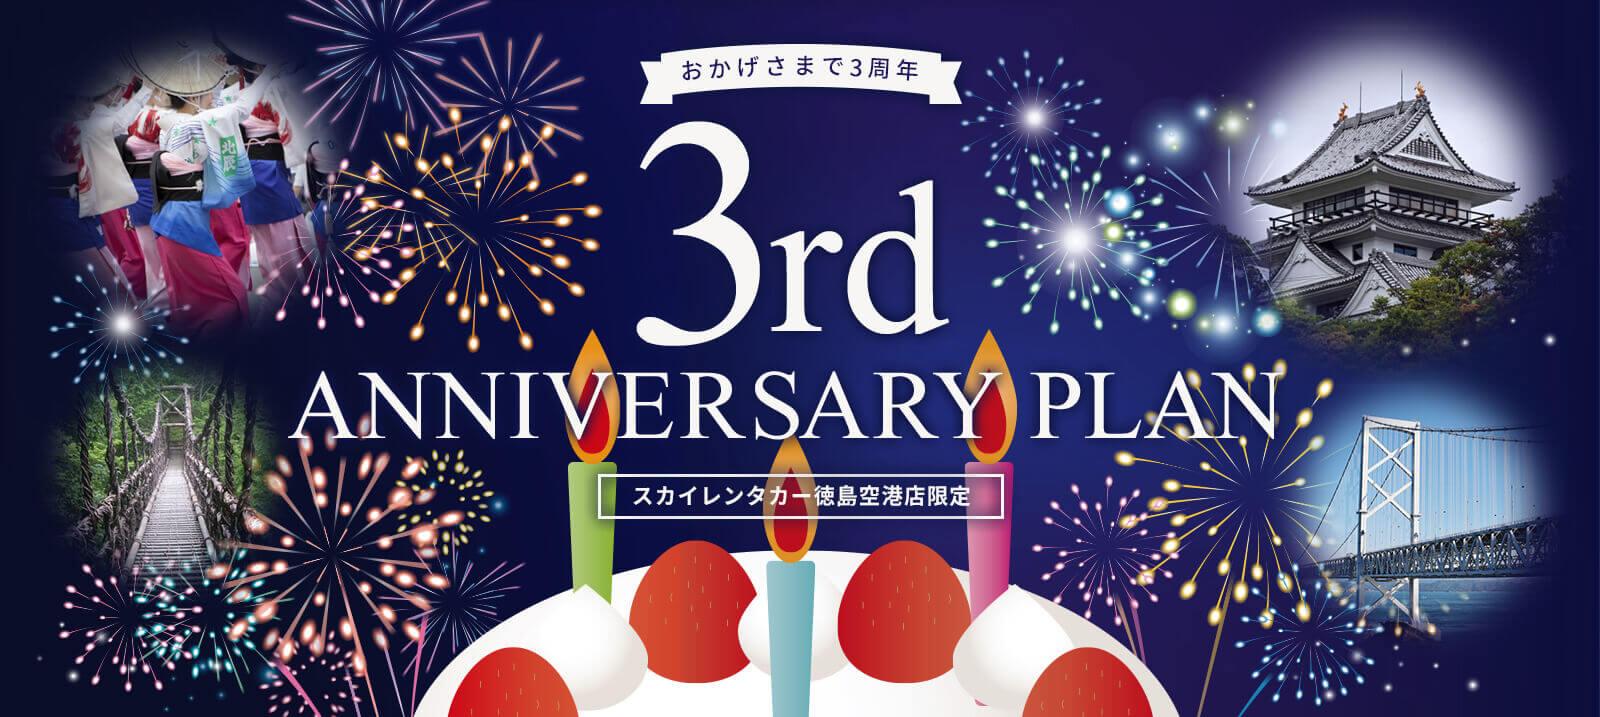 【スカイレンタカー徳島空港店限定】~3rd anniversary plan~